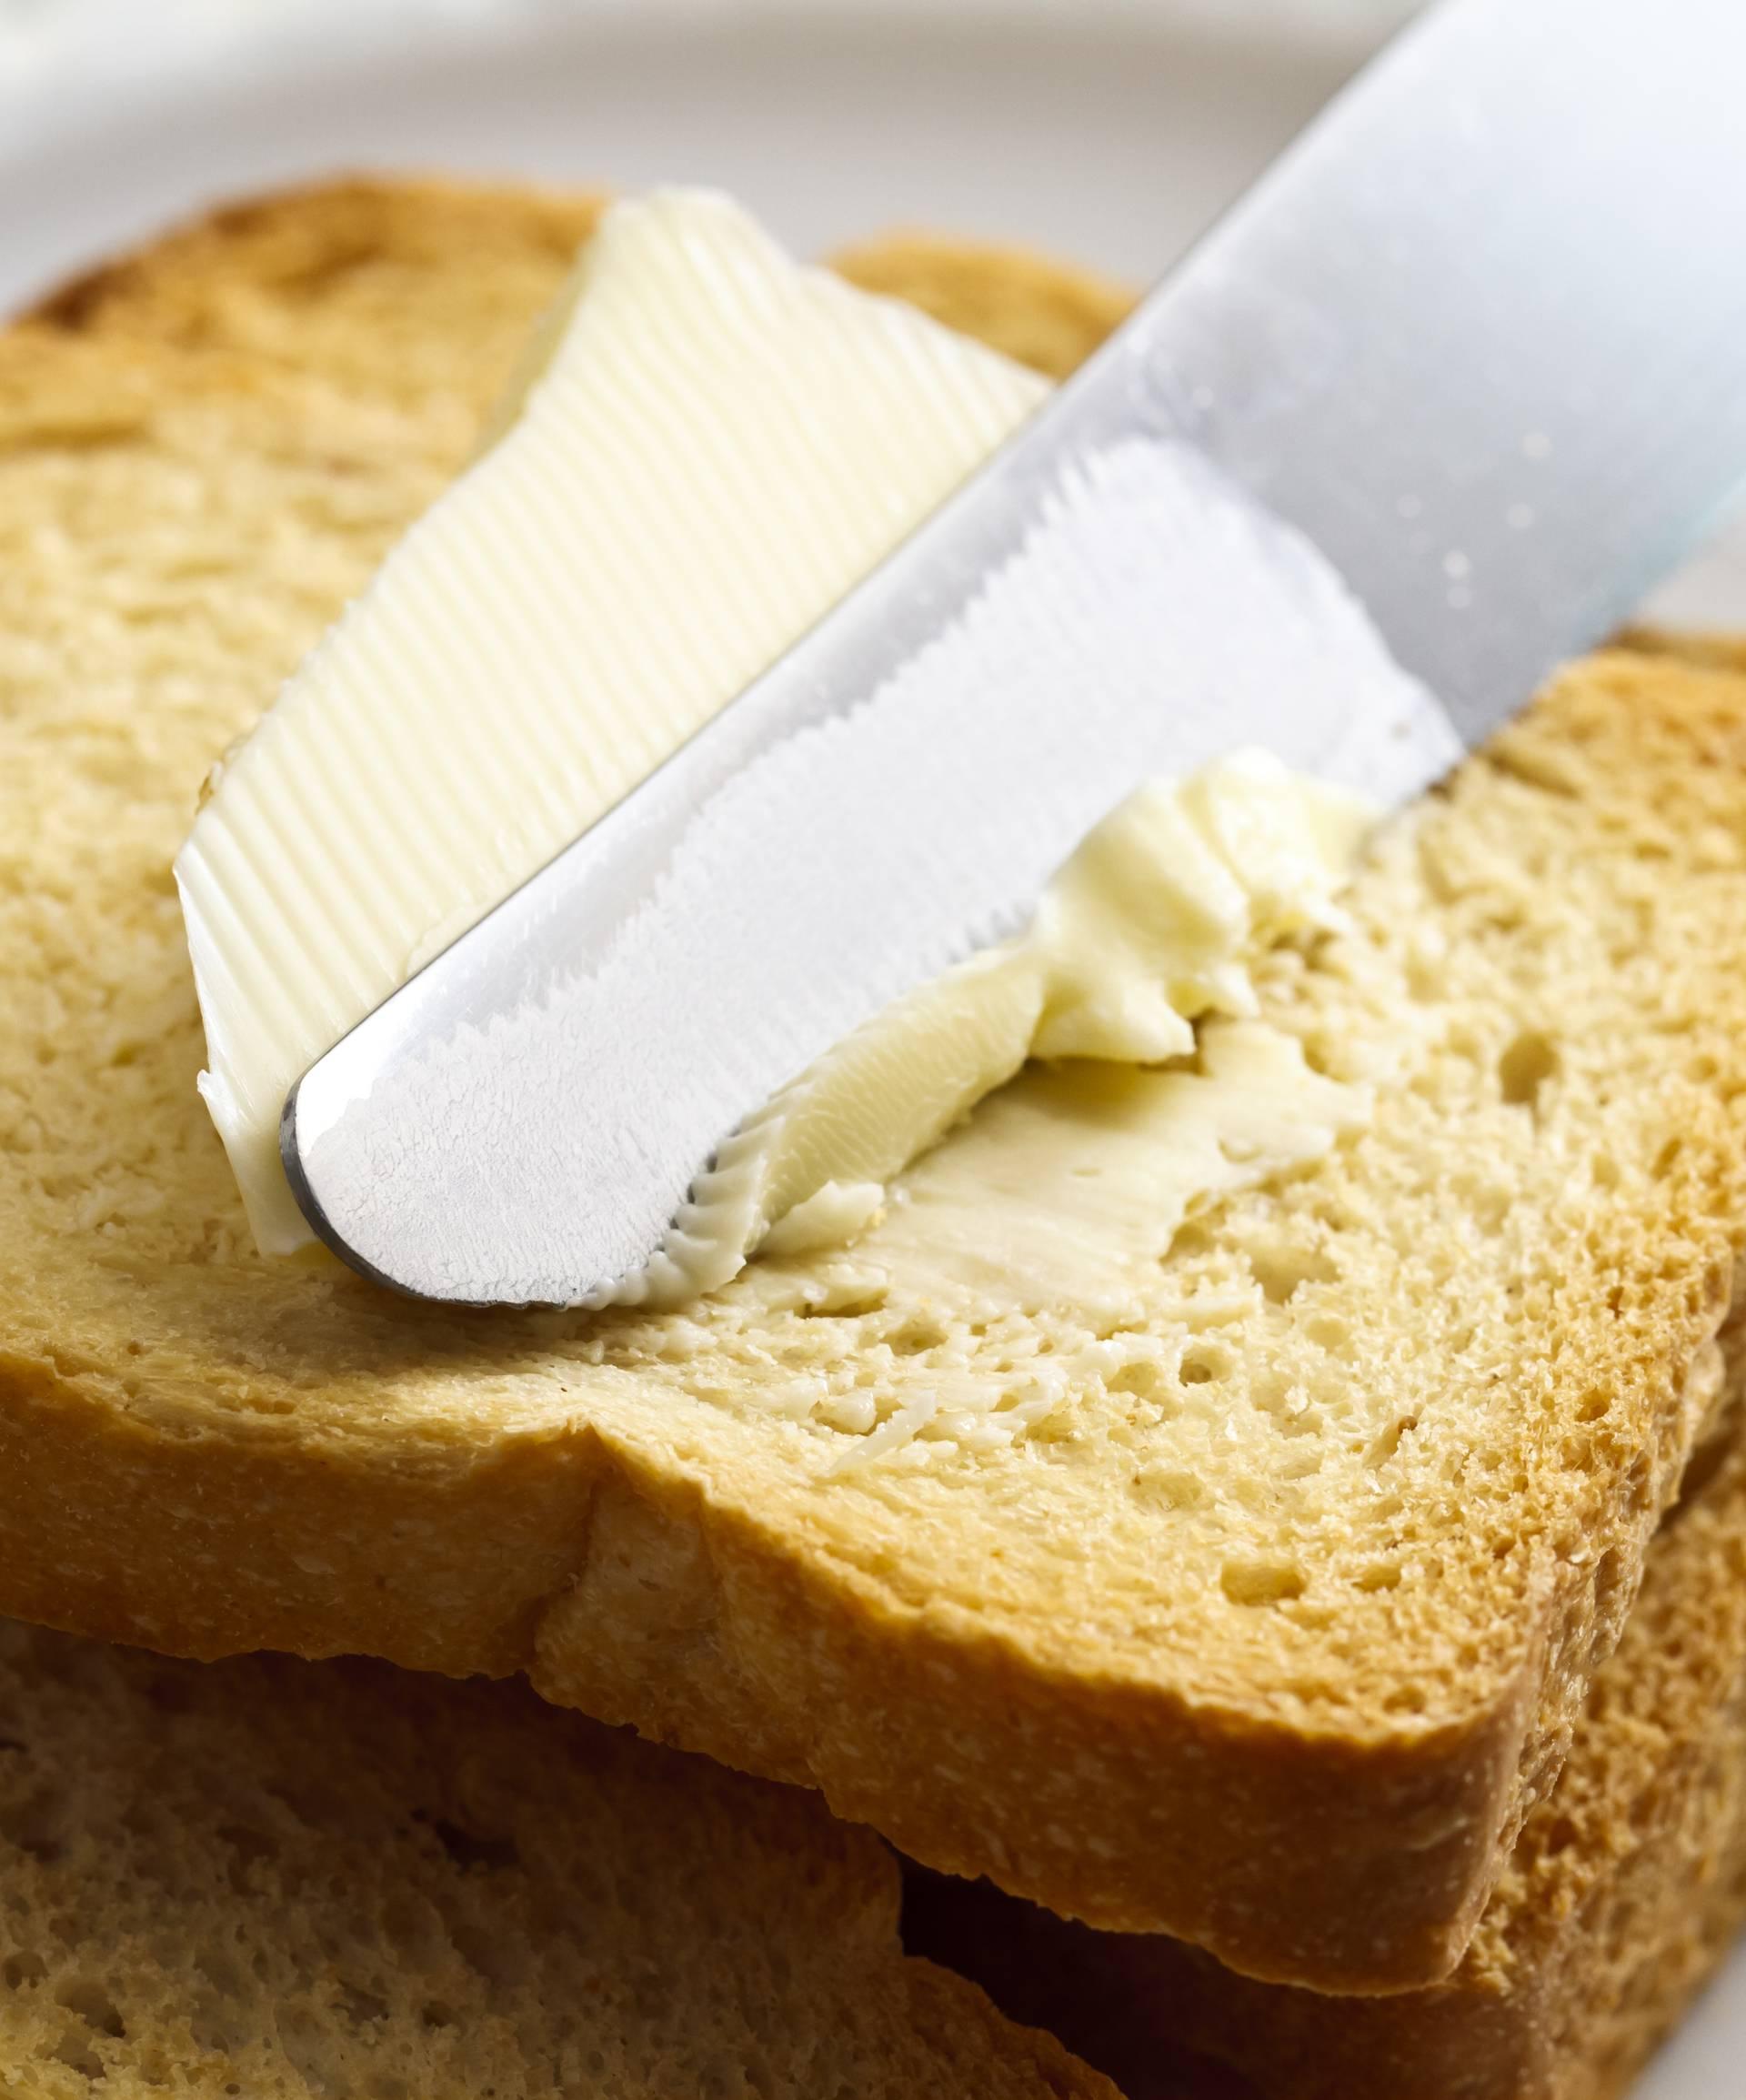 Rade maslac od vode s manje kalorija, nutricionisti negoduju